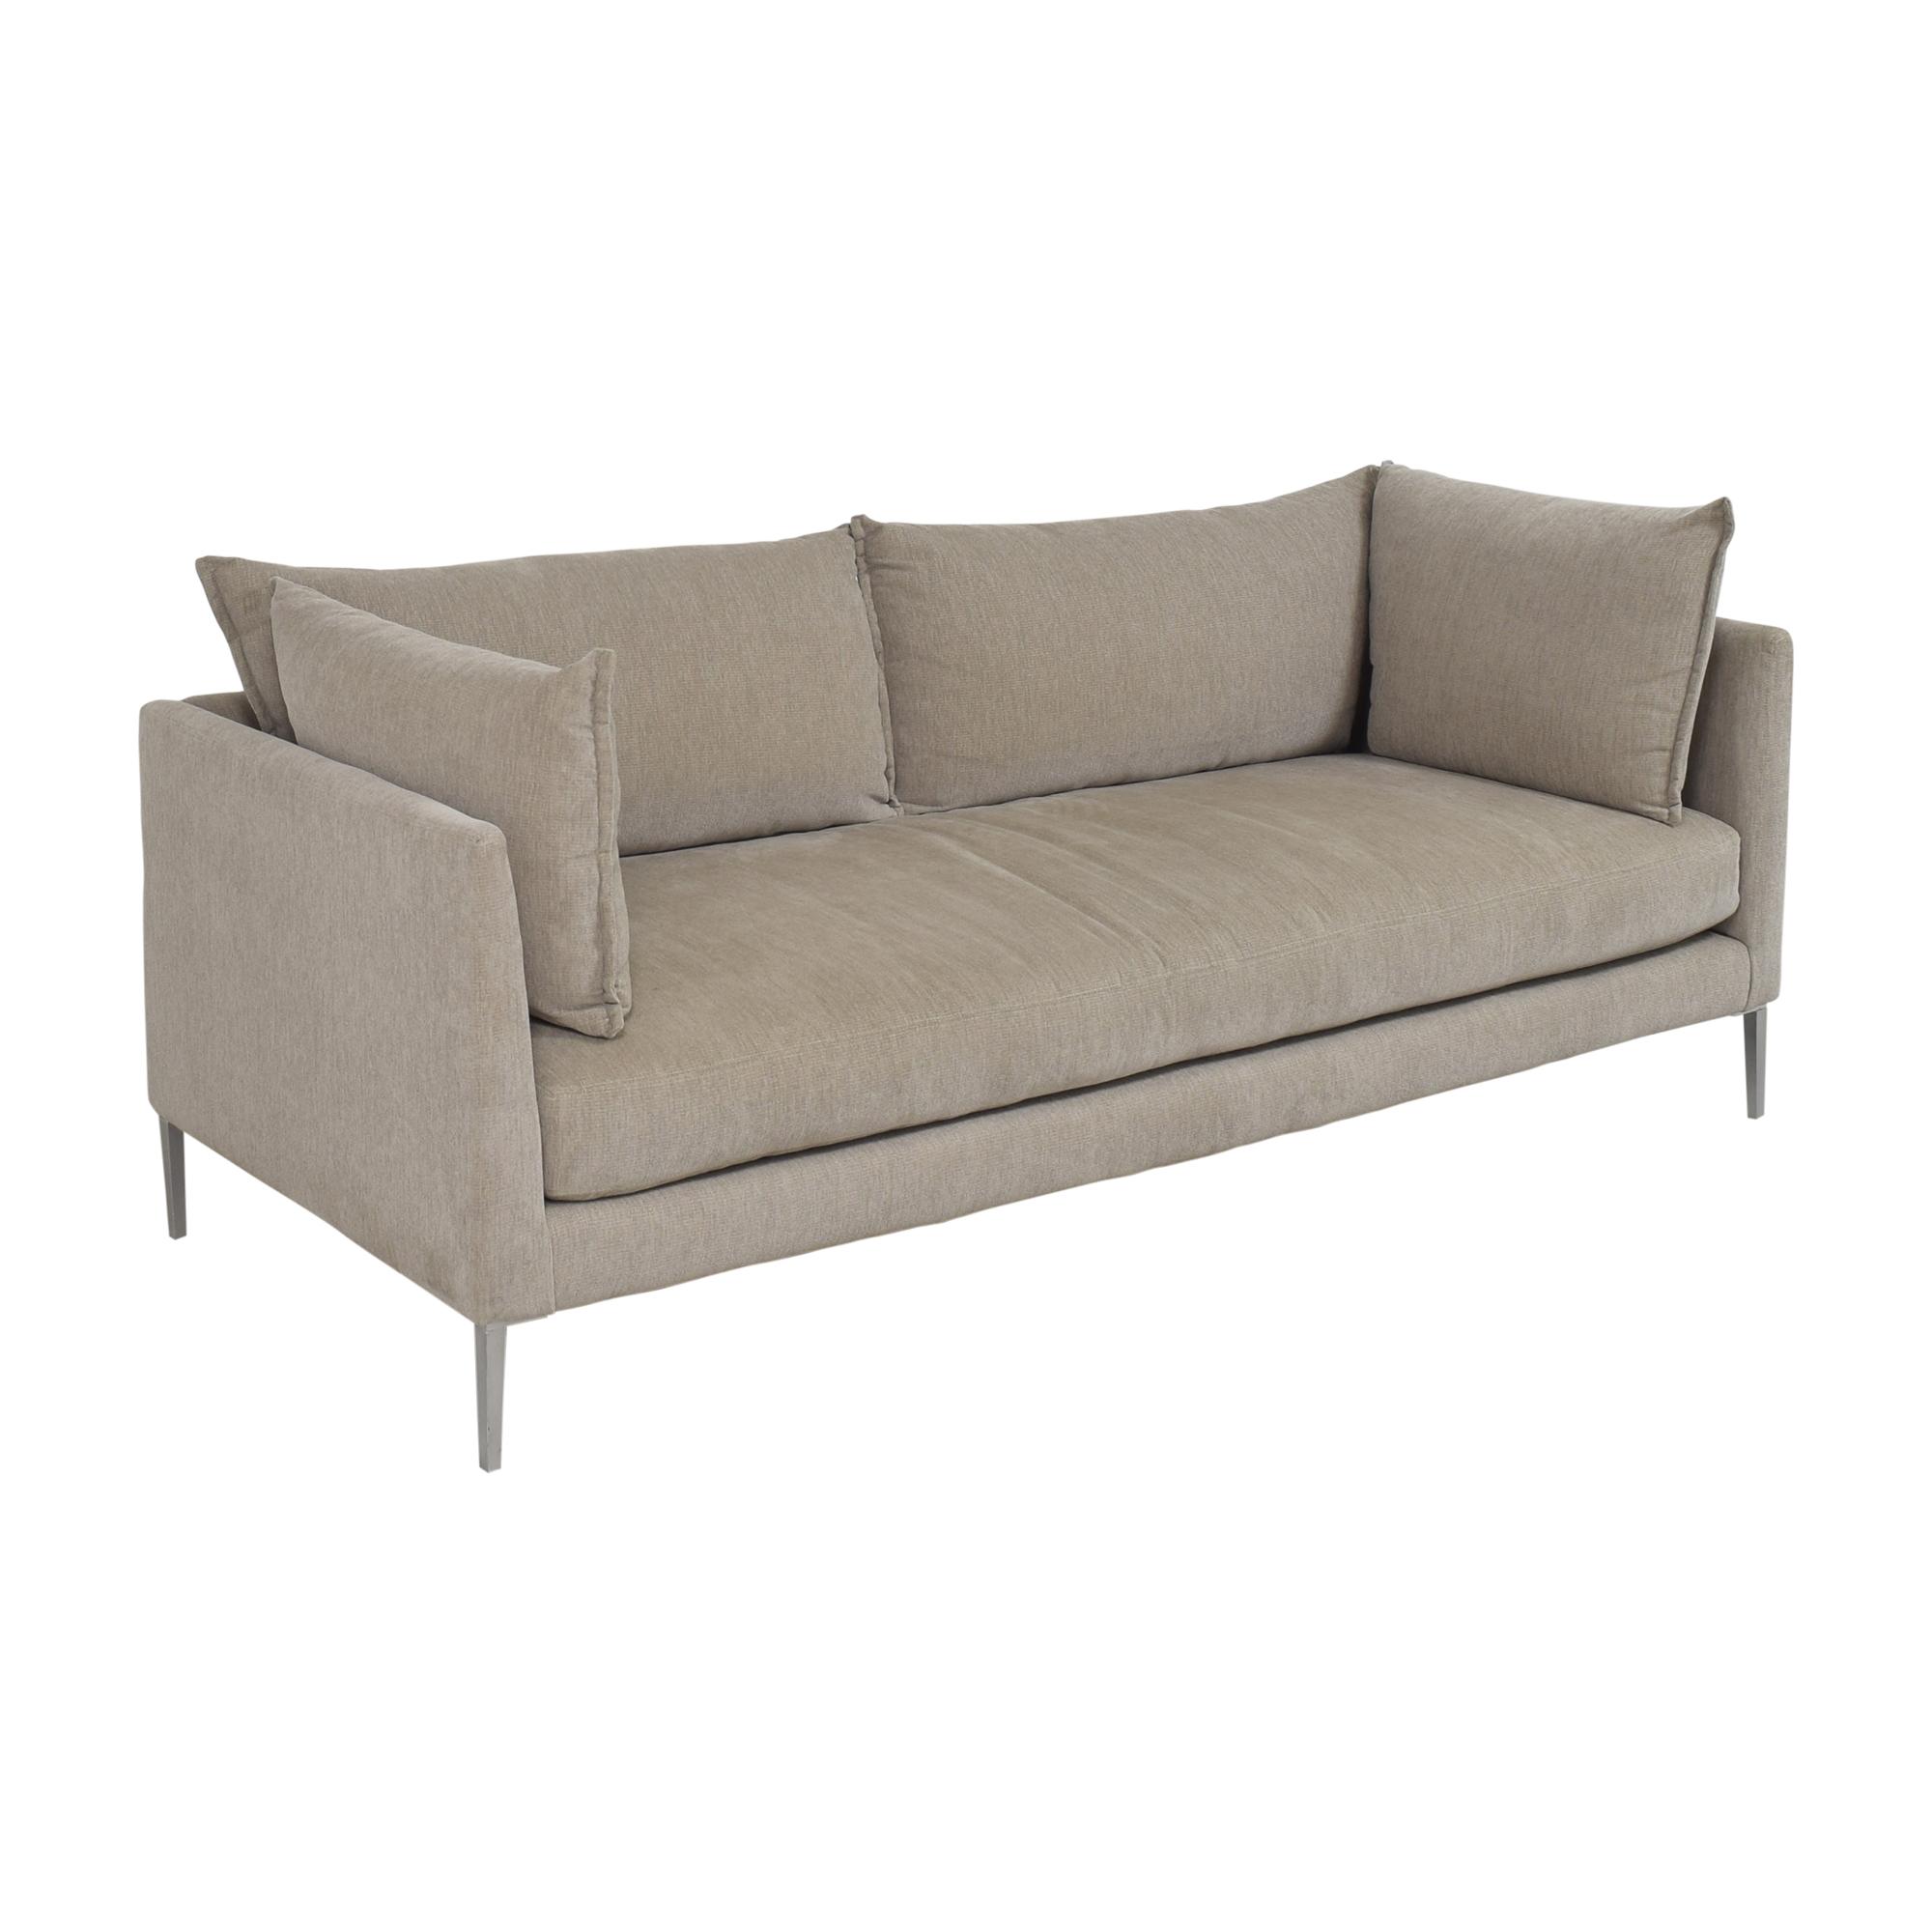 buy Room & Board Vela Sofa Room & Board Sofas